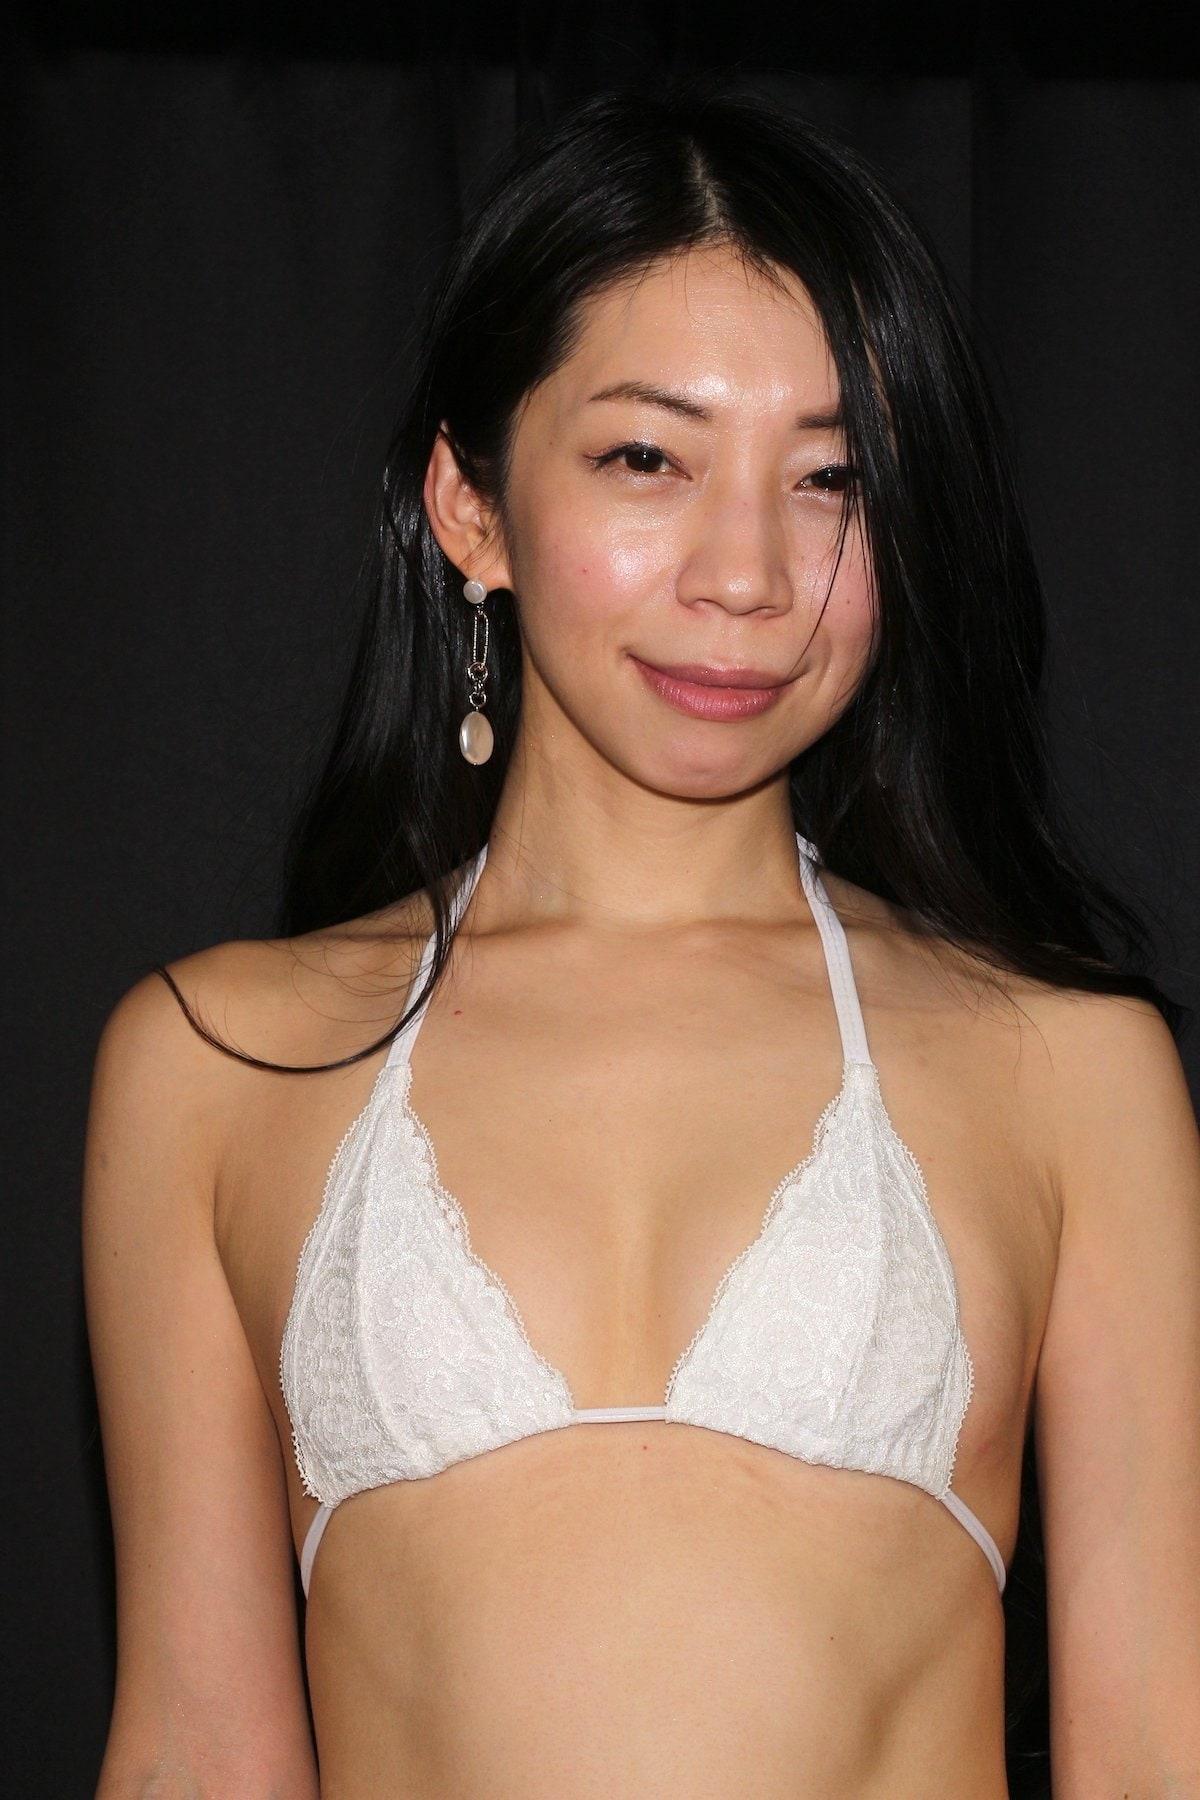 岩崎真奈「ベンチの縁にこすったり」私史上最高にセクシー【画像50枚】の画像013